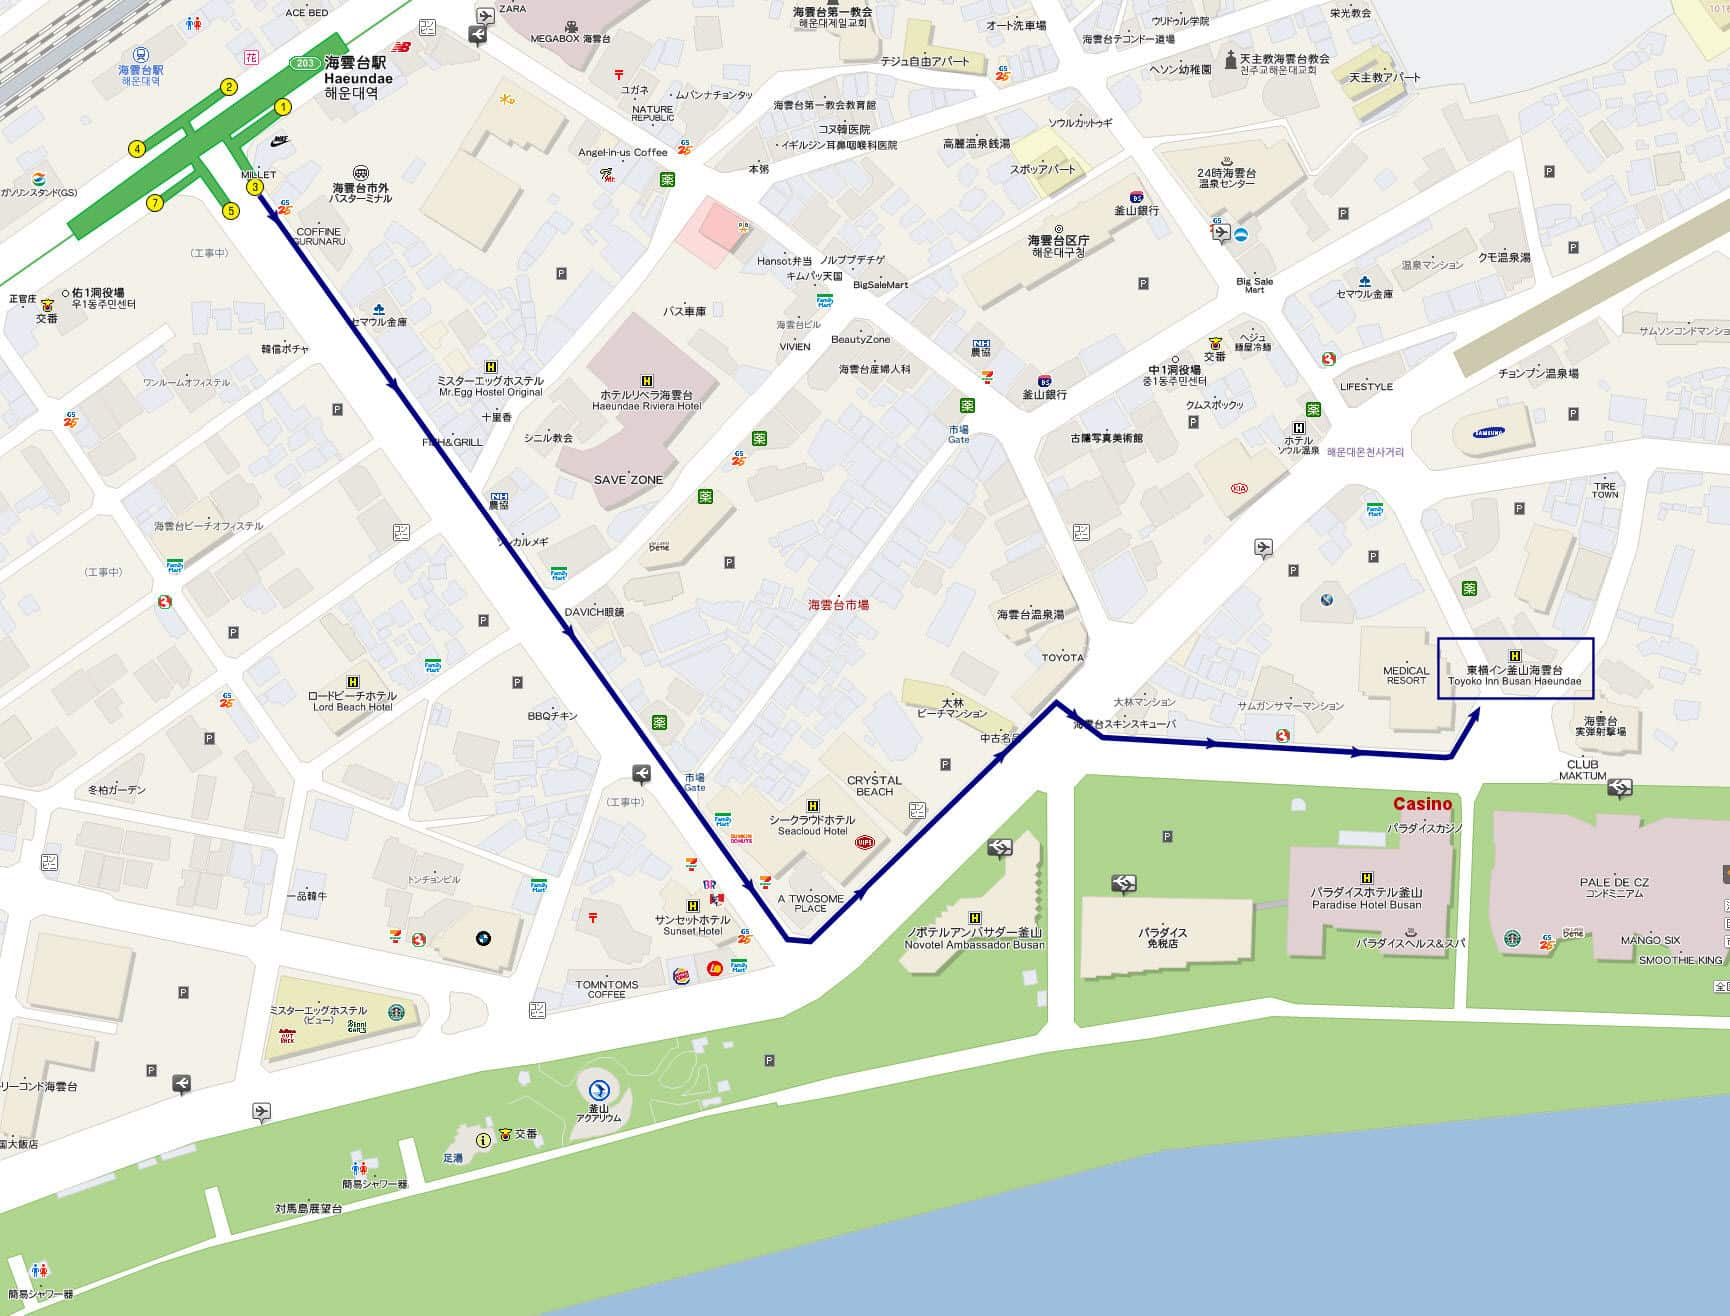 釜山海雲台地鐵站步行往東橫 INN路線地圖